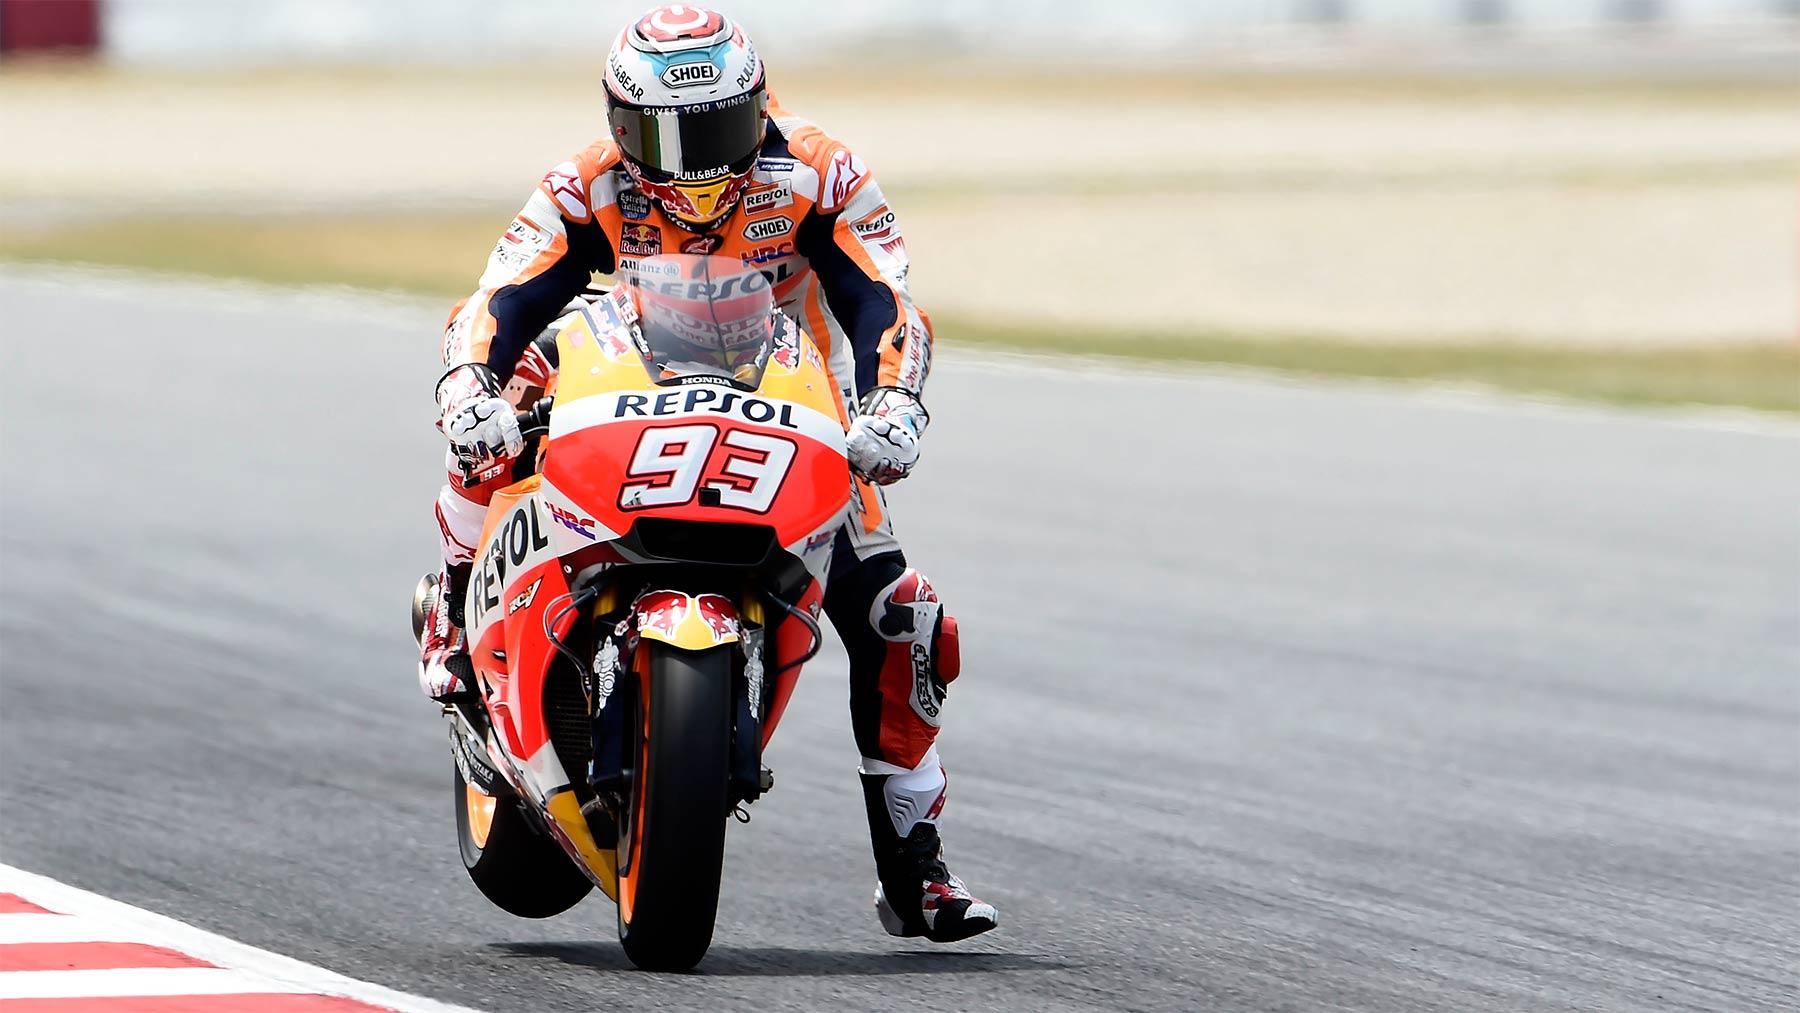 Primeros libres de MotoGP para Marc Márquez, Jorge Lorenzo segundo